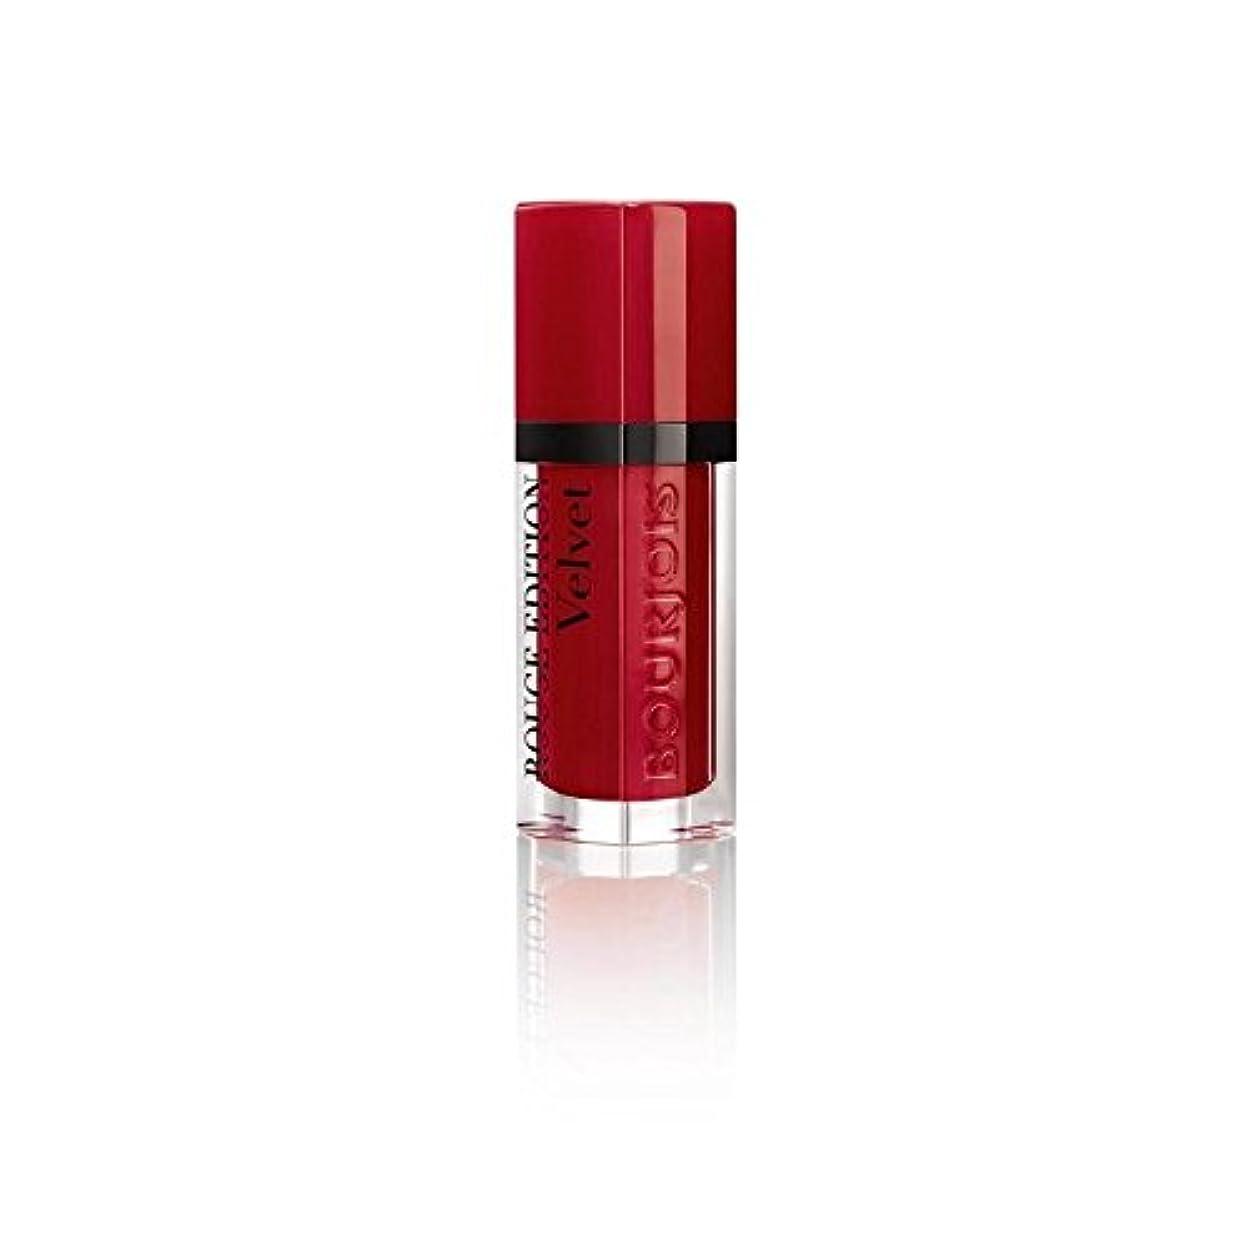 遺跡ヒョウ賢いルージュ版のベルベットの口紅、赤い旋回運動の8ミリリットル (Bourjois) - Bourjois Rouge Edition Velvet Lipstick, Red Volution 8ml [並行輸入品]